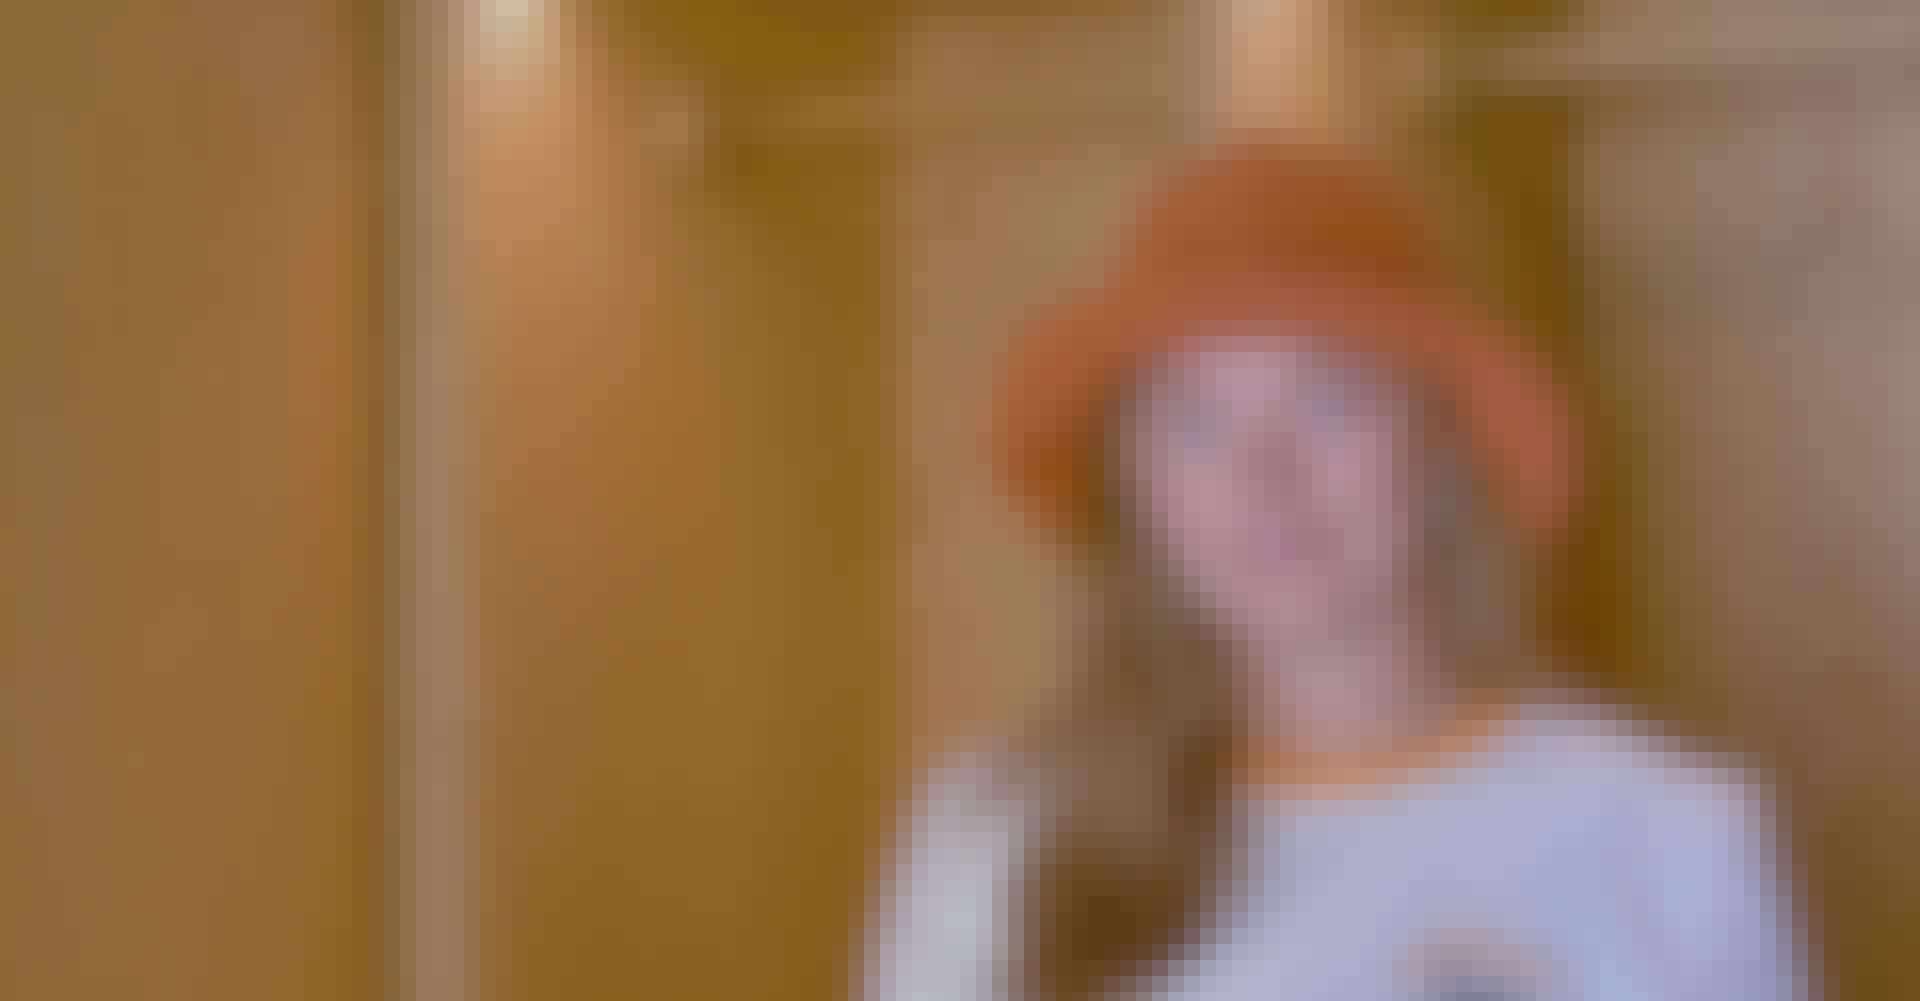 Lad dig inspirere af model og kreativ direktør Christine Sofies farverige stil.